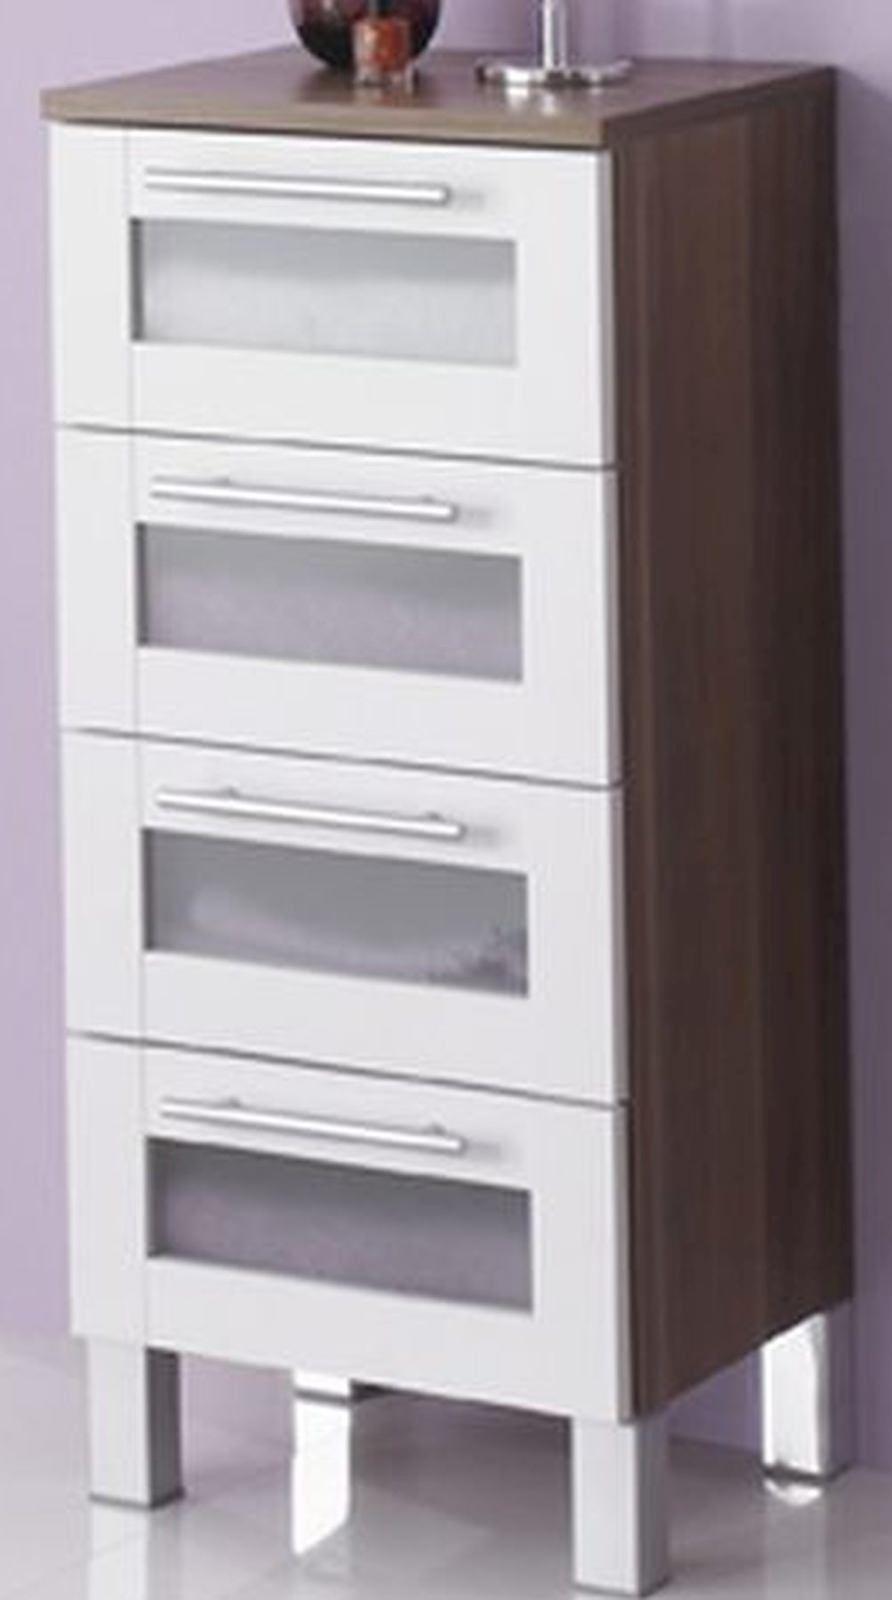 Badezimmer Unterschrank Mit Schubladen | Badezimmer Mobel Unterschrank Elan 4 Schubladen 35 X 82 Cm